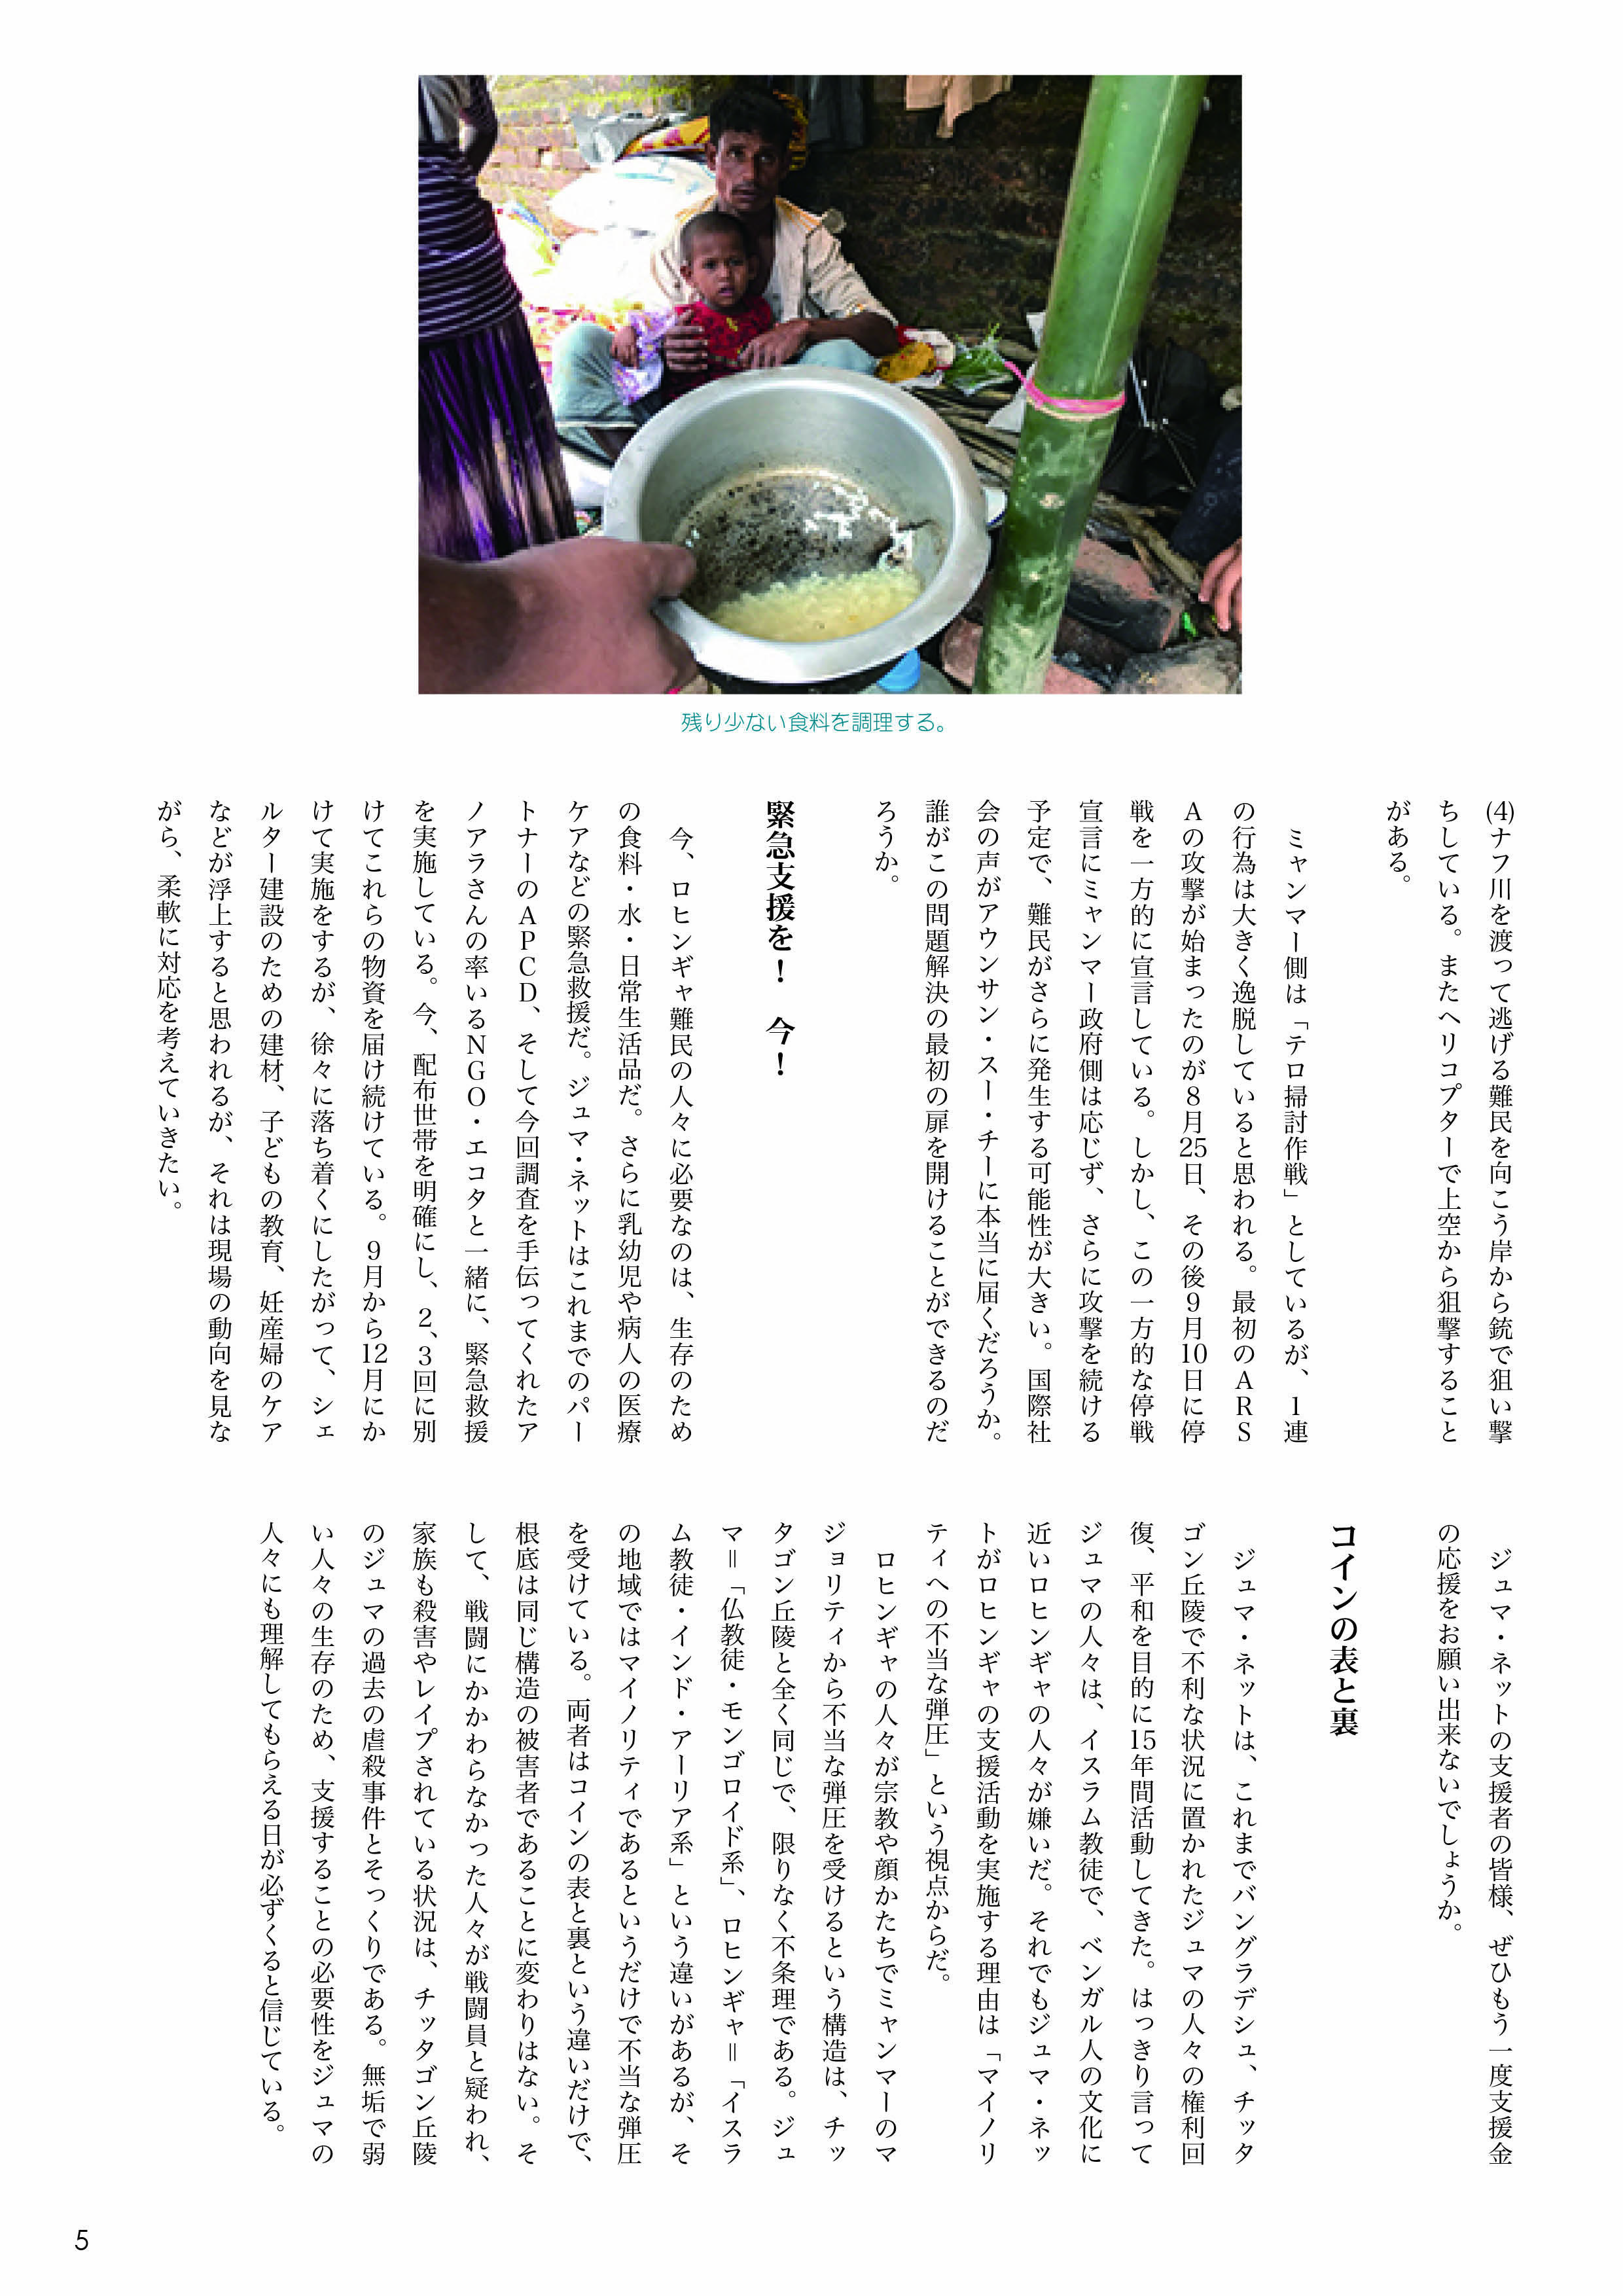 繧キ繧吶Η繝槭・繝阪ャ繝井シ壼ア50蜿キ5.jpg